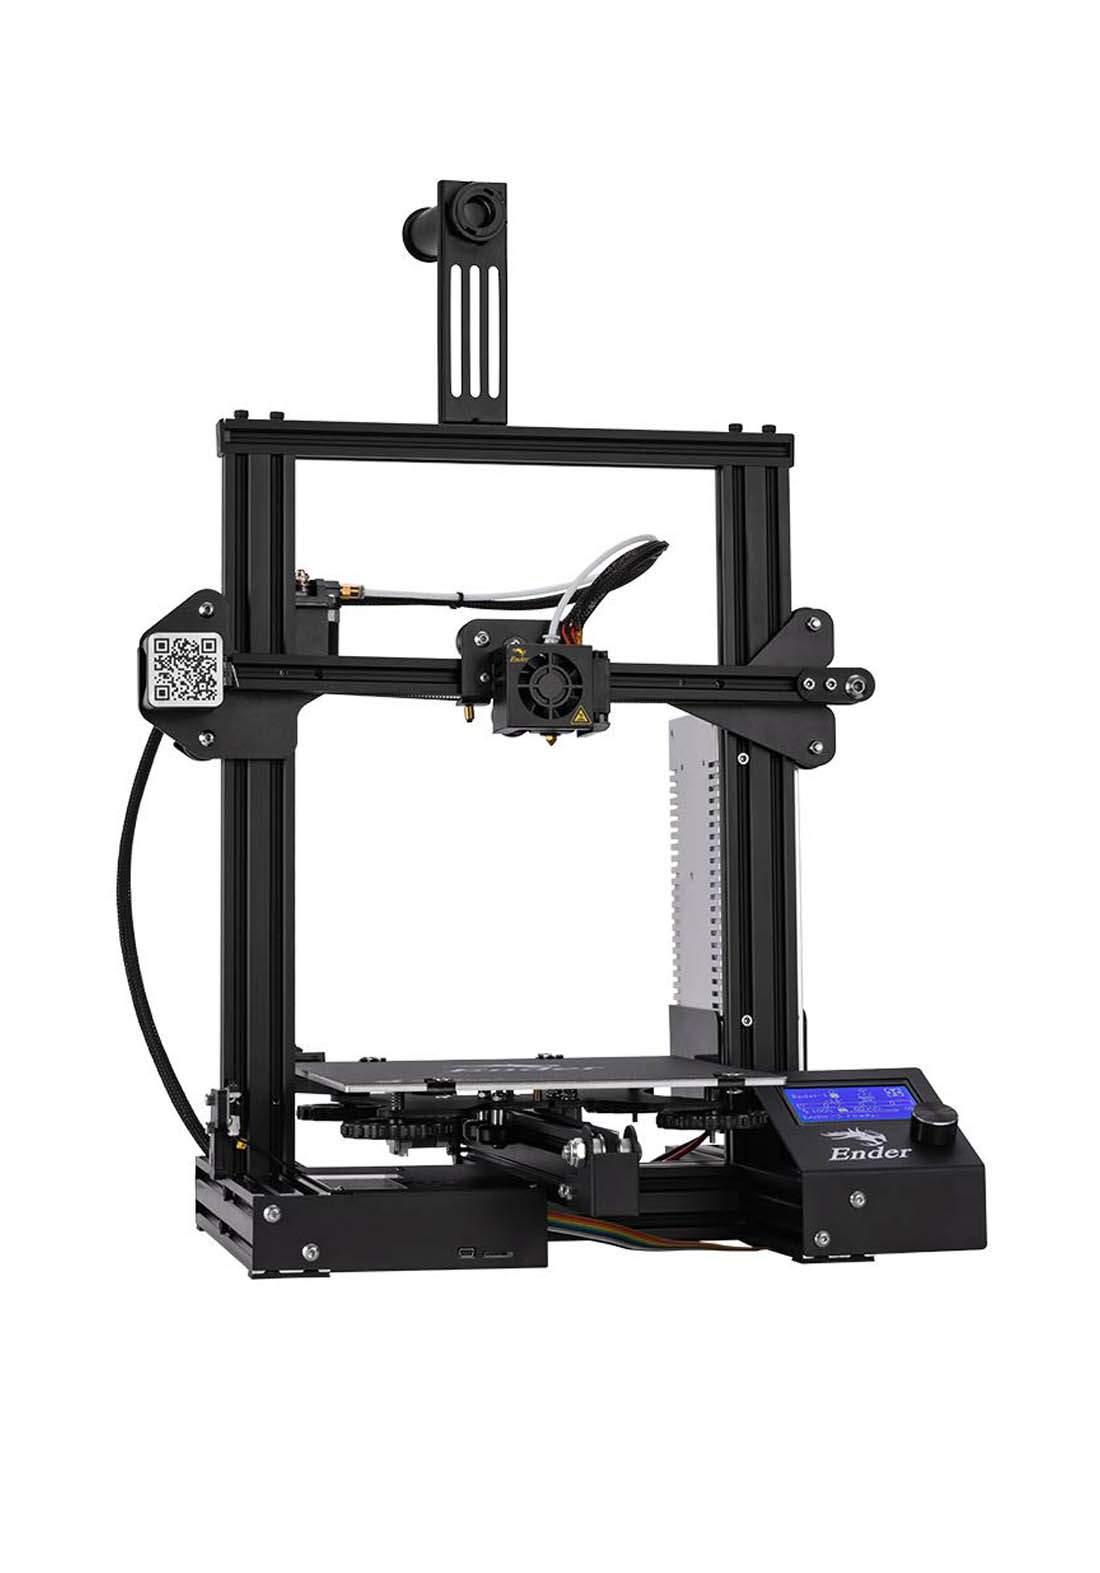 Creality Ender 3 3D Printer طابعة ثلاثية الابعاد